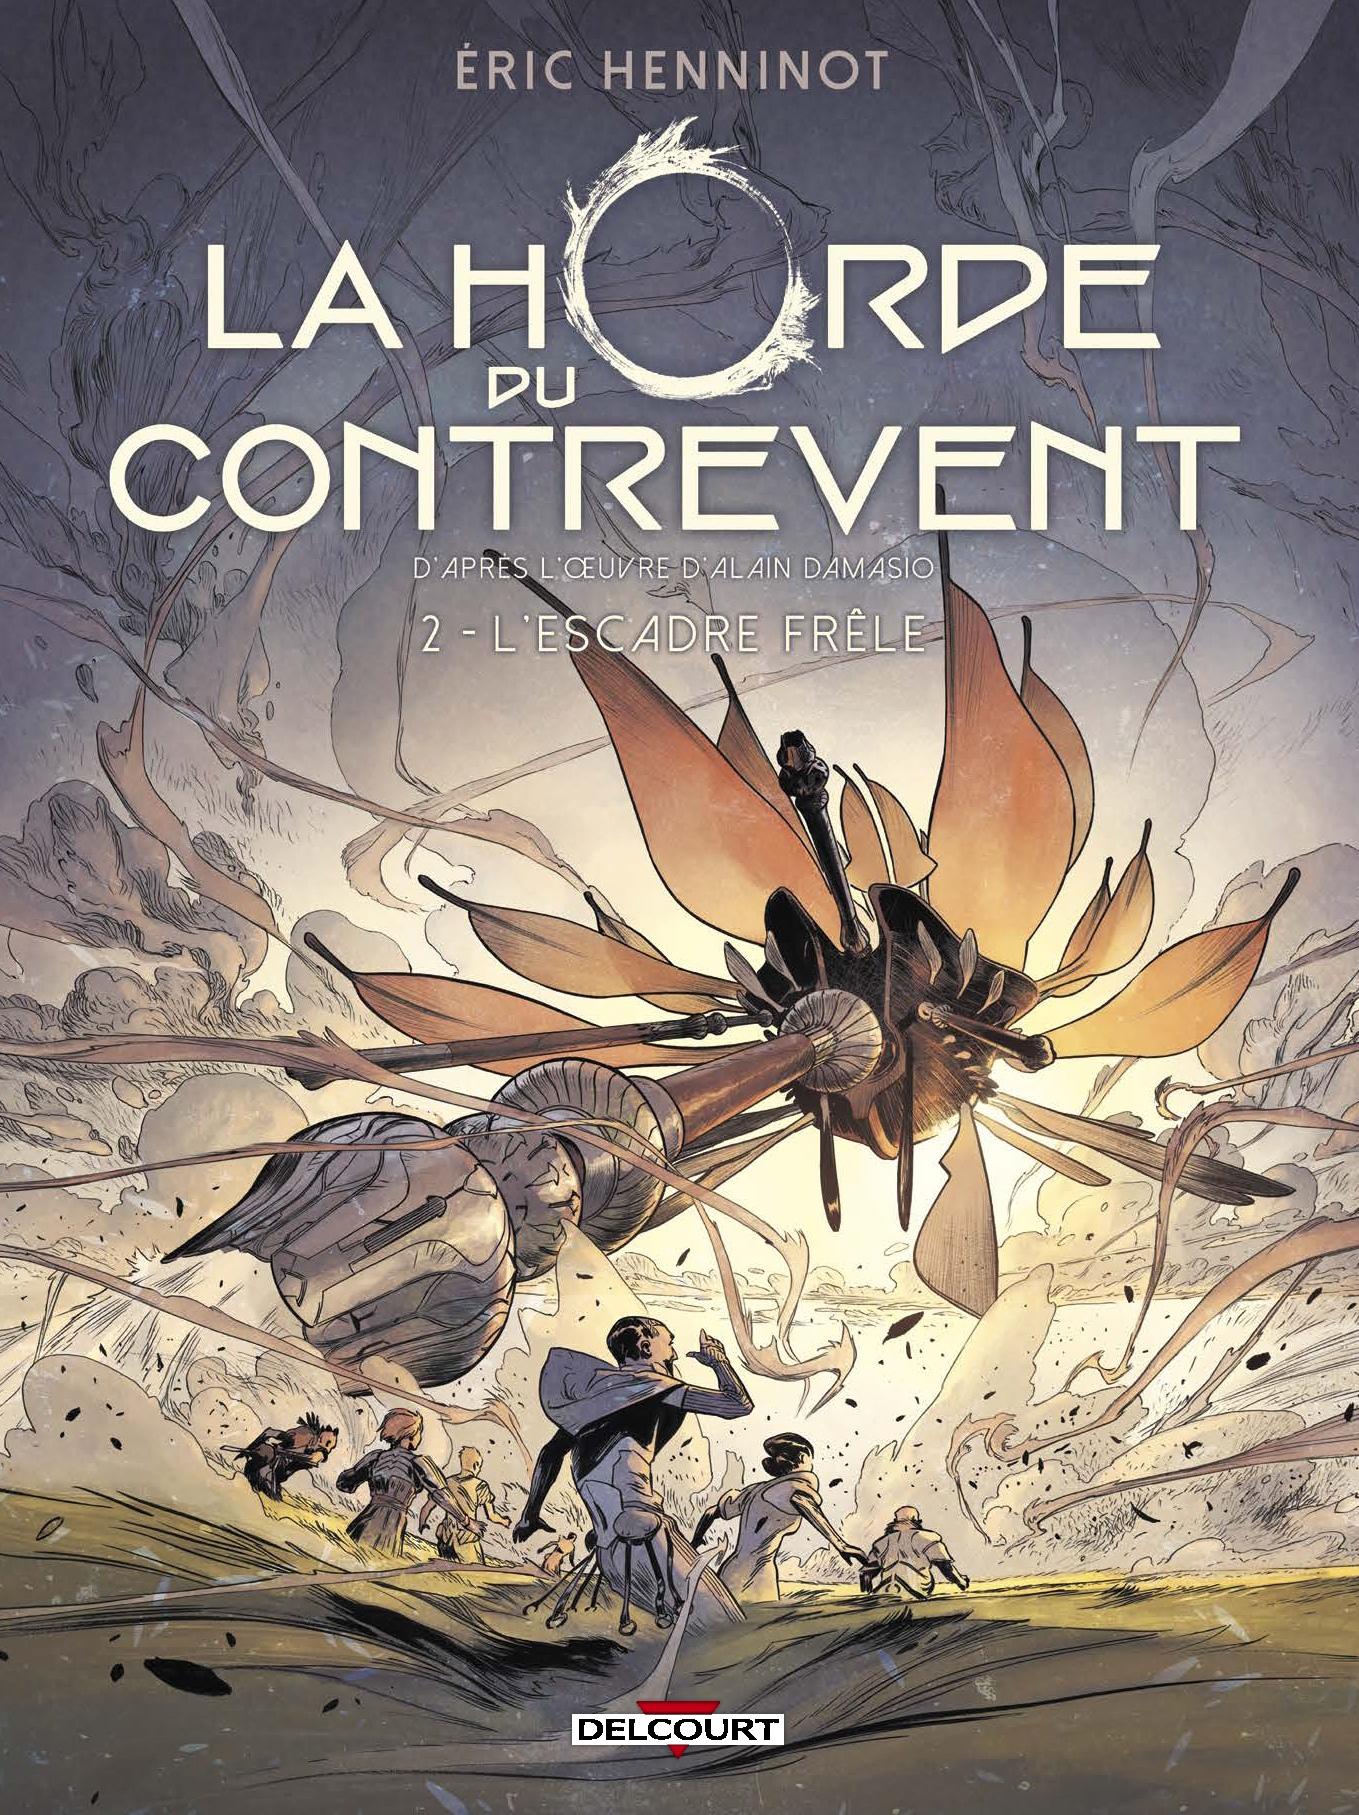 BD : Parution du tome 2 de La Horde du Contrevent